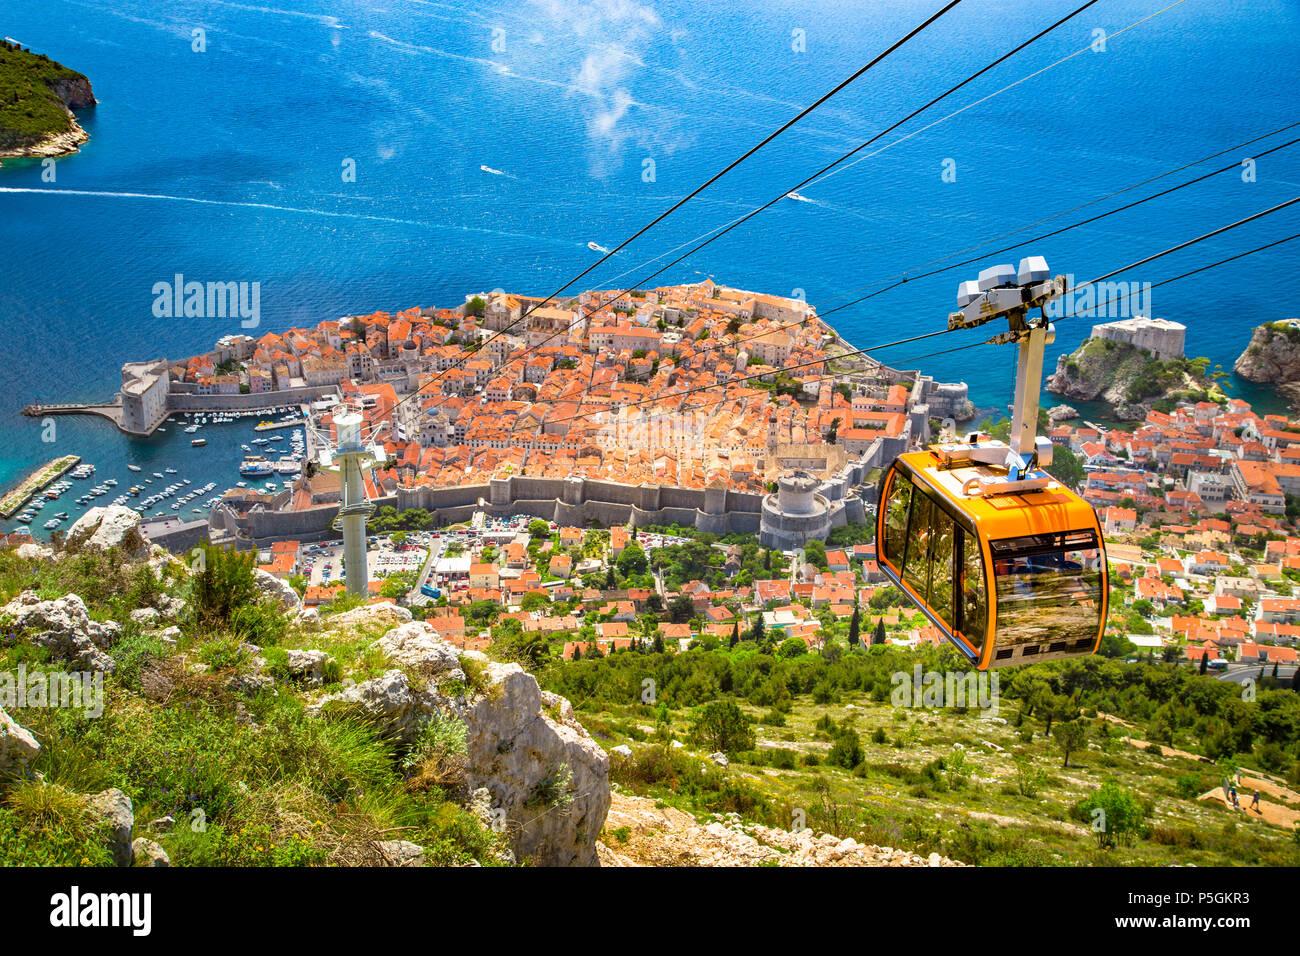 Antenna vista panoramica della città vecchia di Dubrovnik con la famosa funivia sul monte Srd in una giornata di sole con cielo blu e nuvole in estate, Croazia Immagini Stock